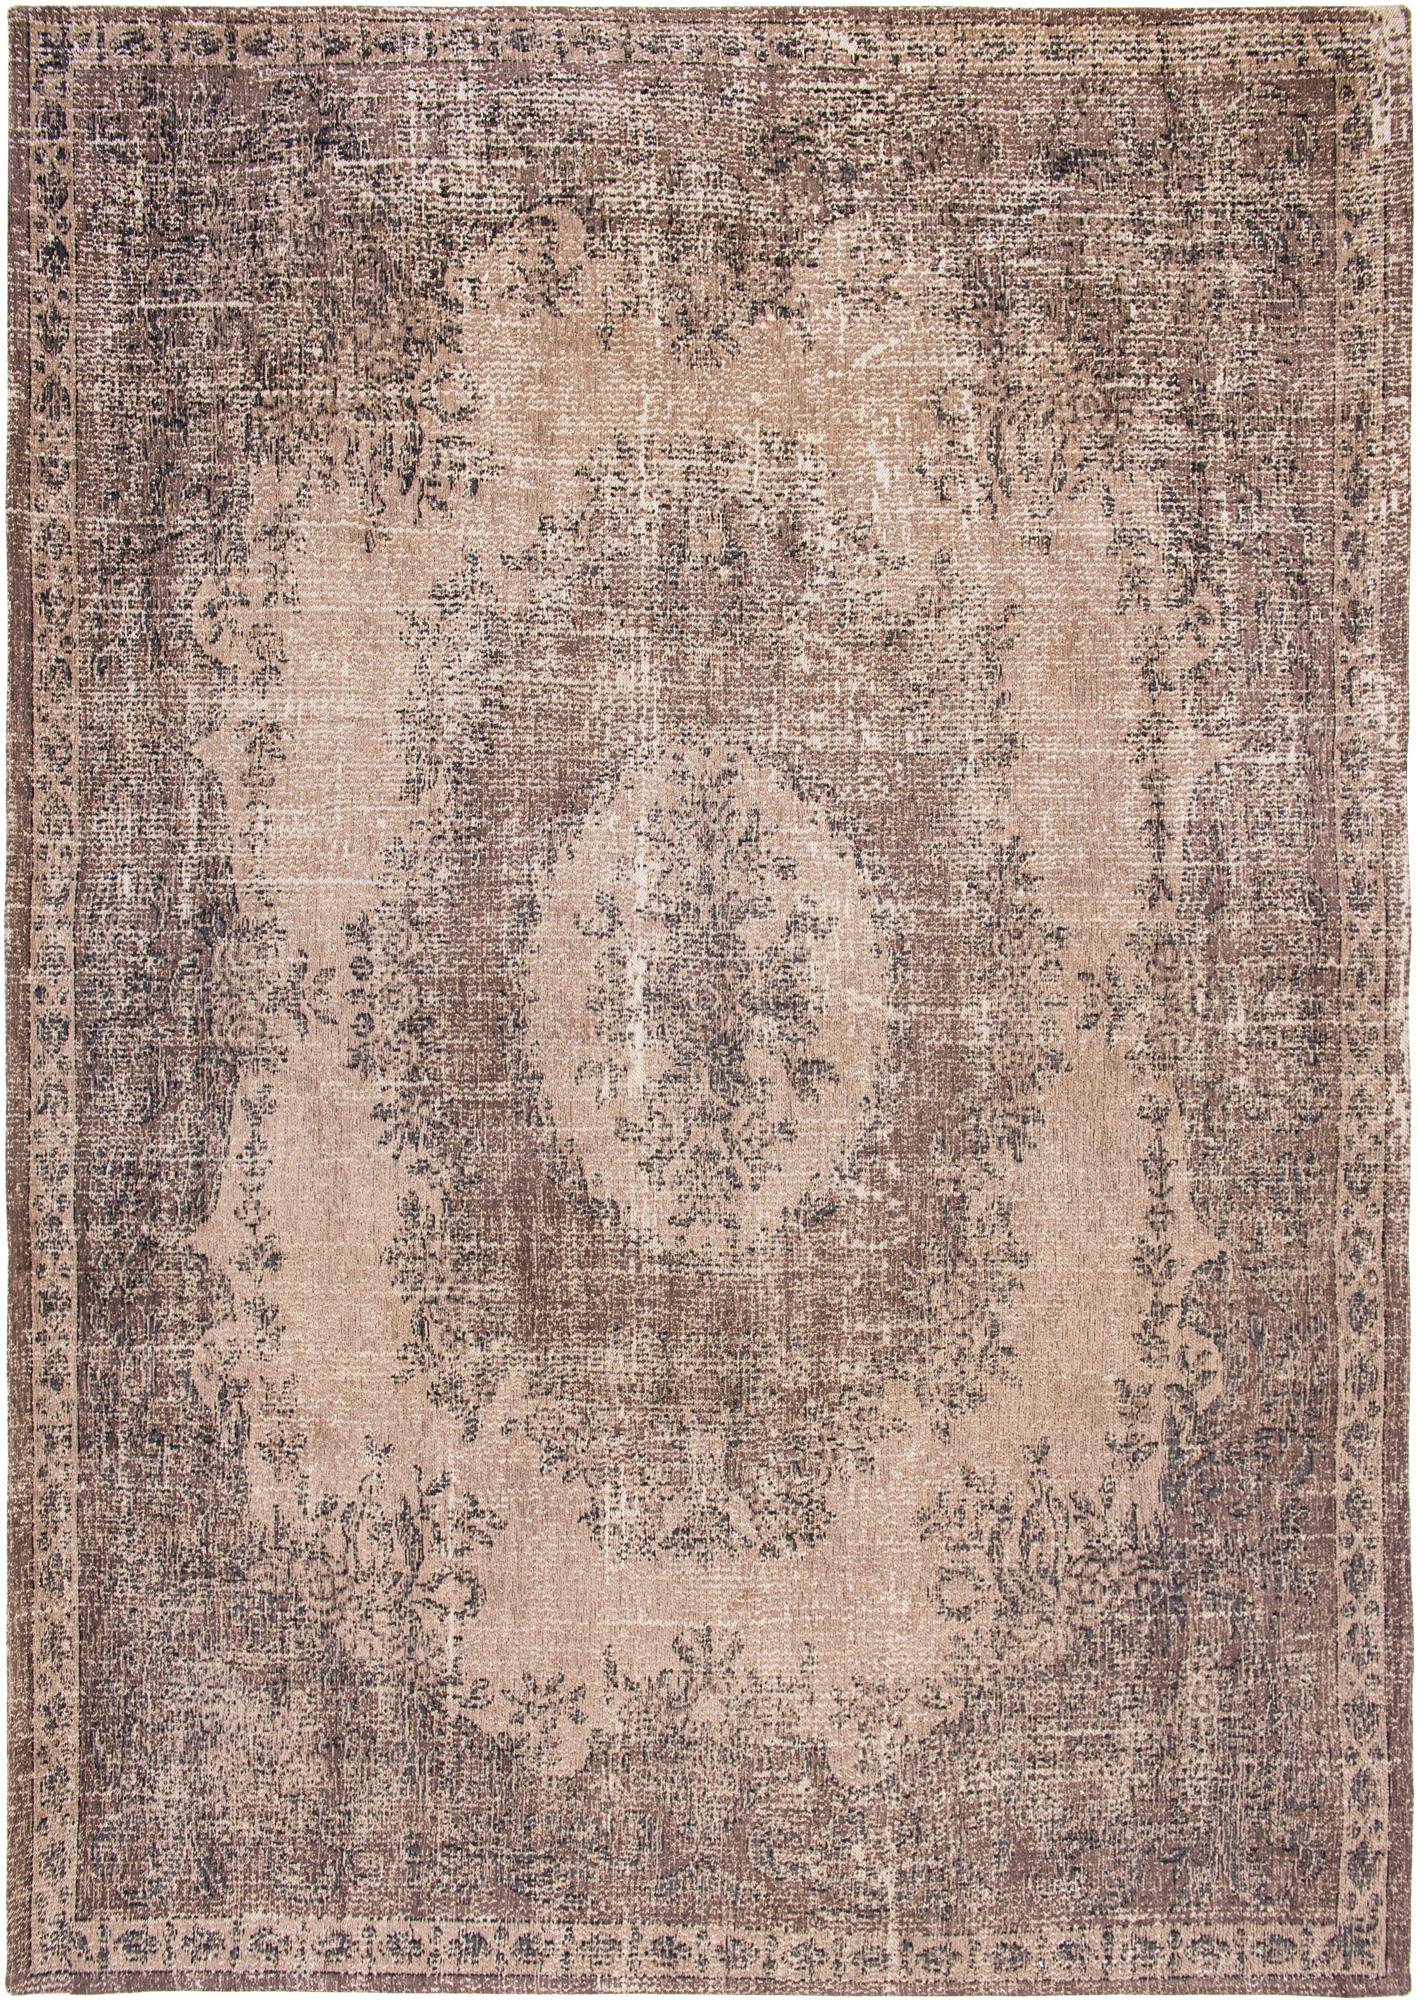 Brązowo Beżowy Dywan Vintage - FOSCARI BROWN 9139 - Rozmiar: 80x150 cm